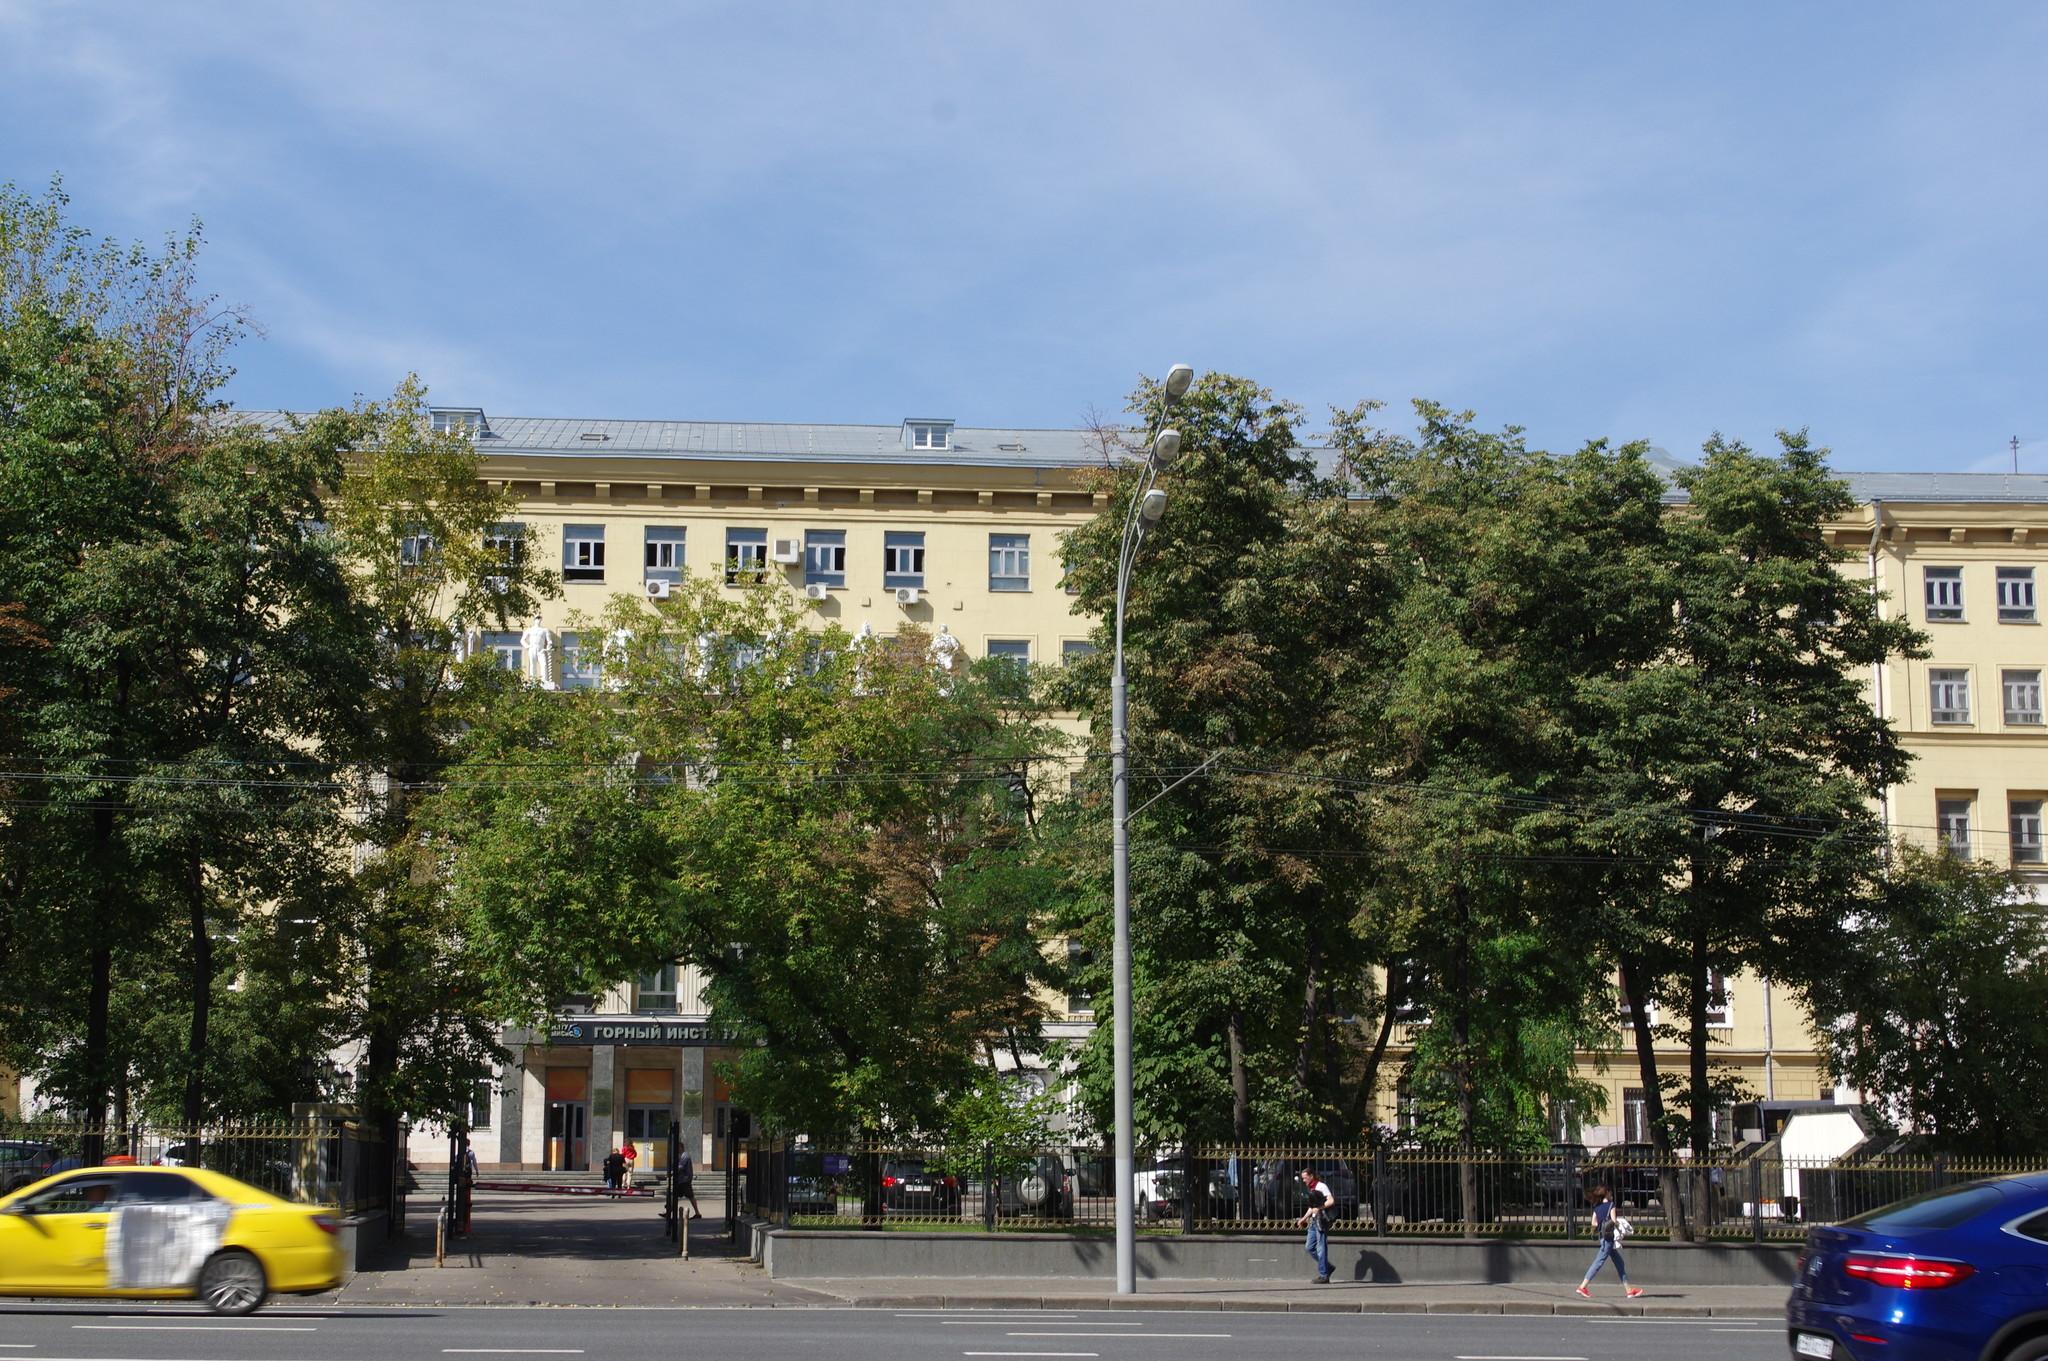 Горный институт НИТУ «МИСиС» (Ленинский проспект, дом 6, строение 2)